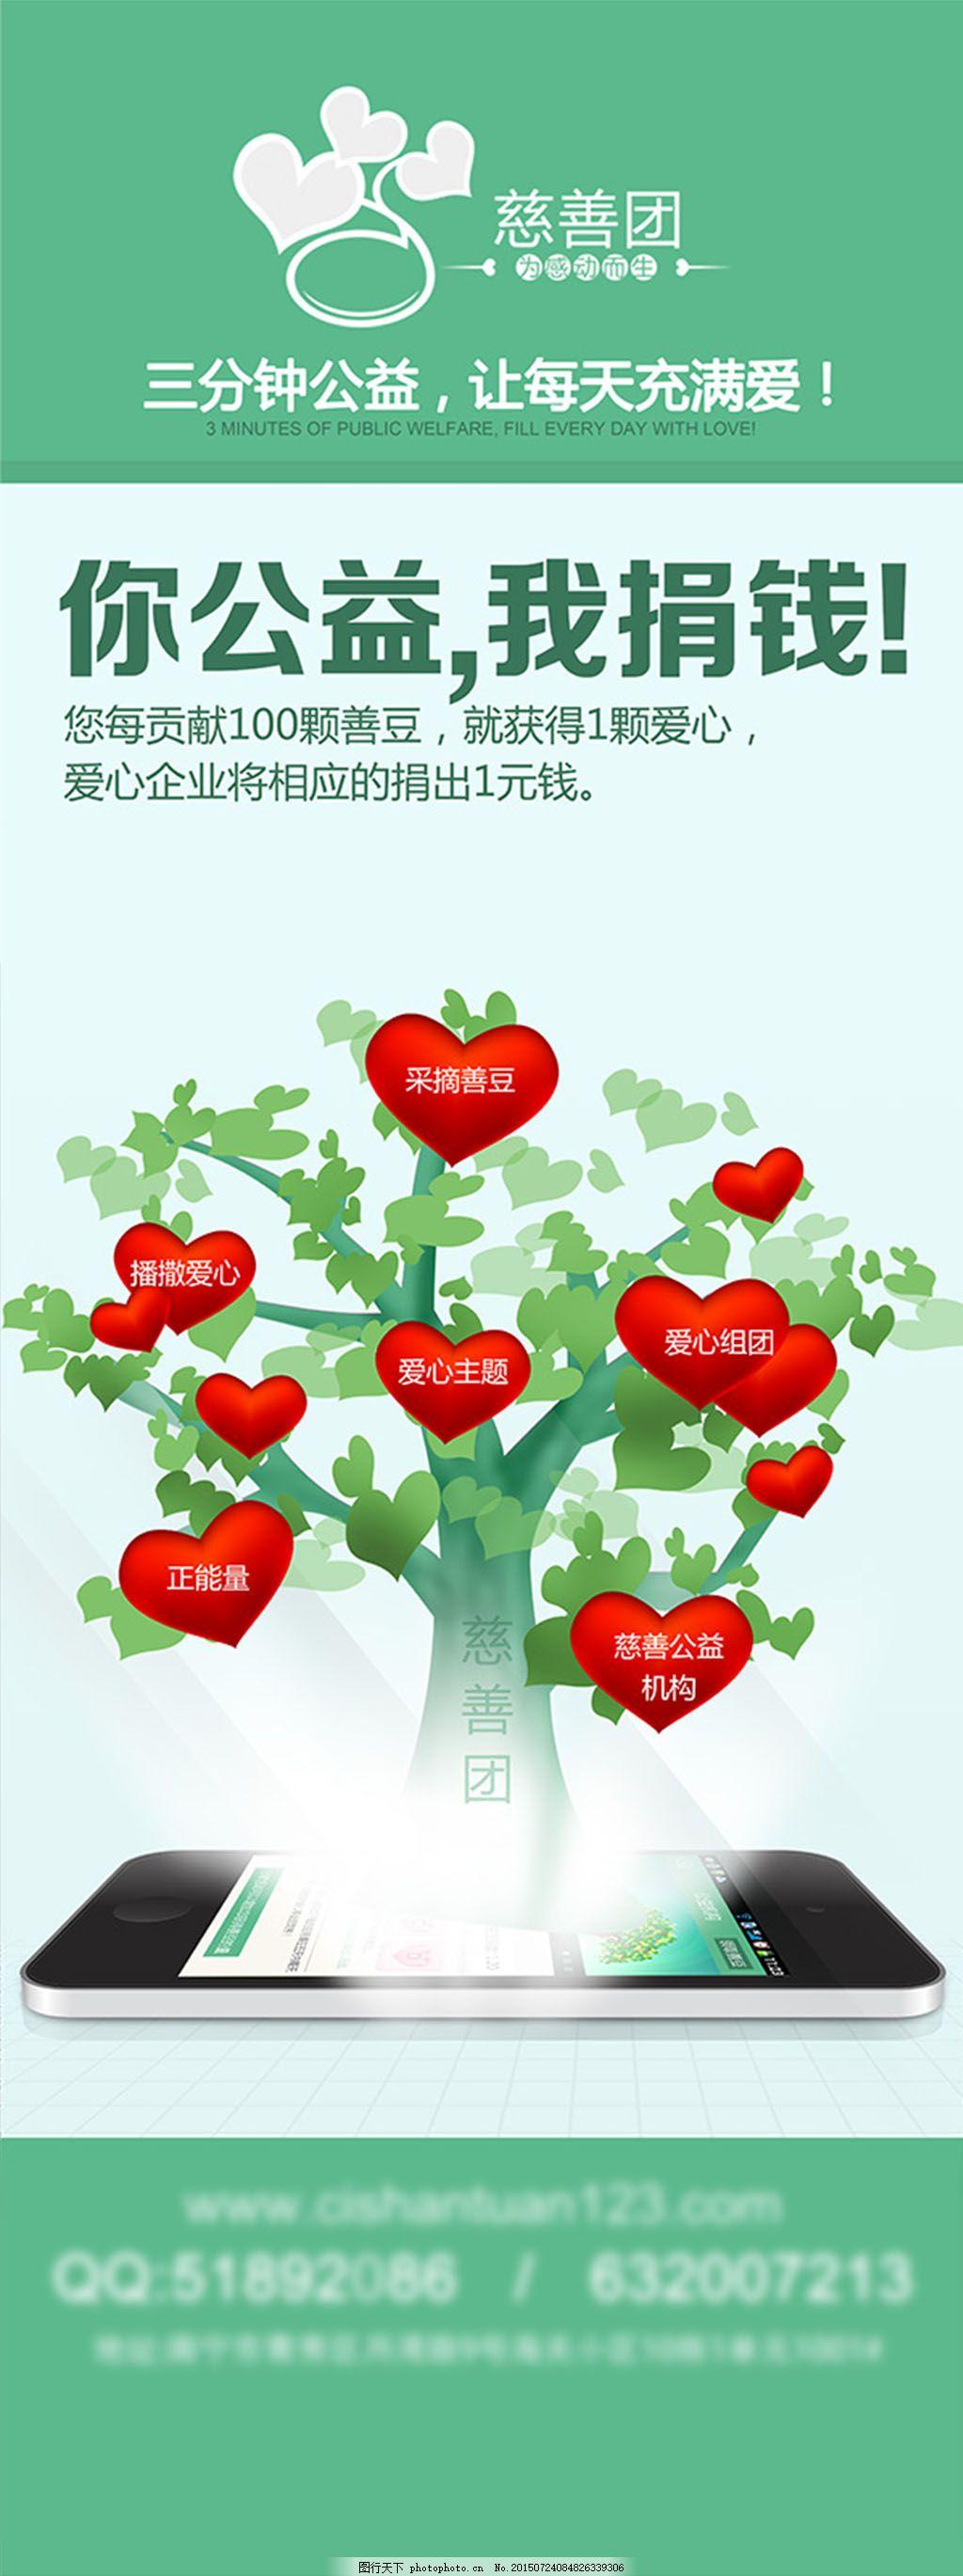 公益海报x展架 爱心公益广告 环保绿化 白色图片